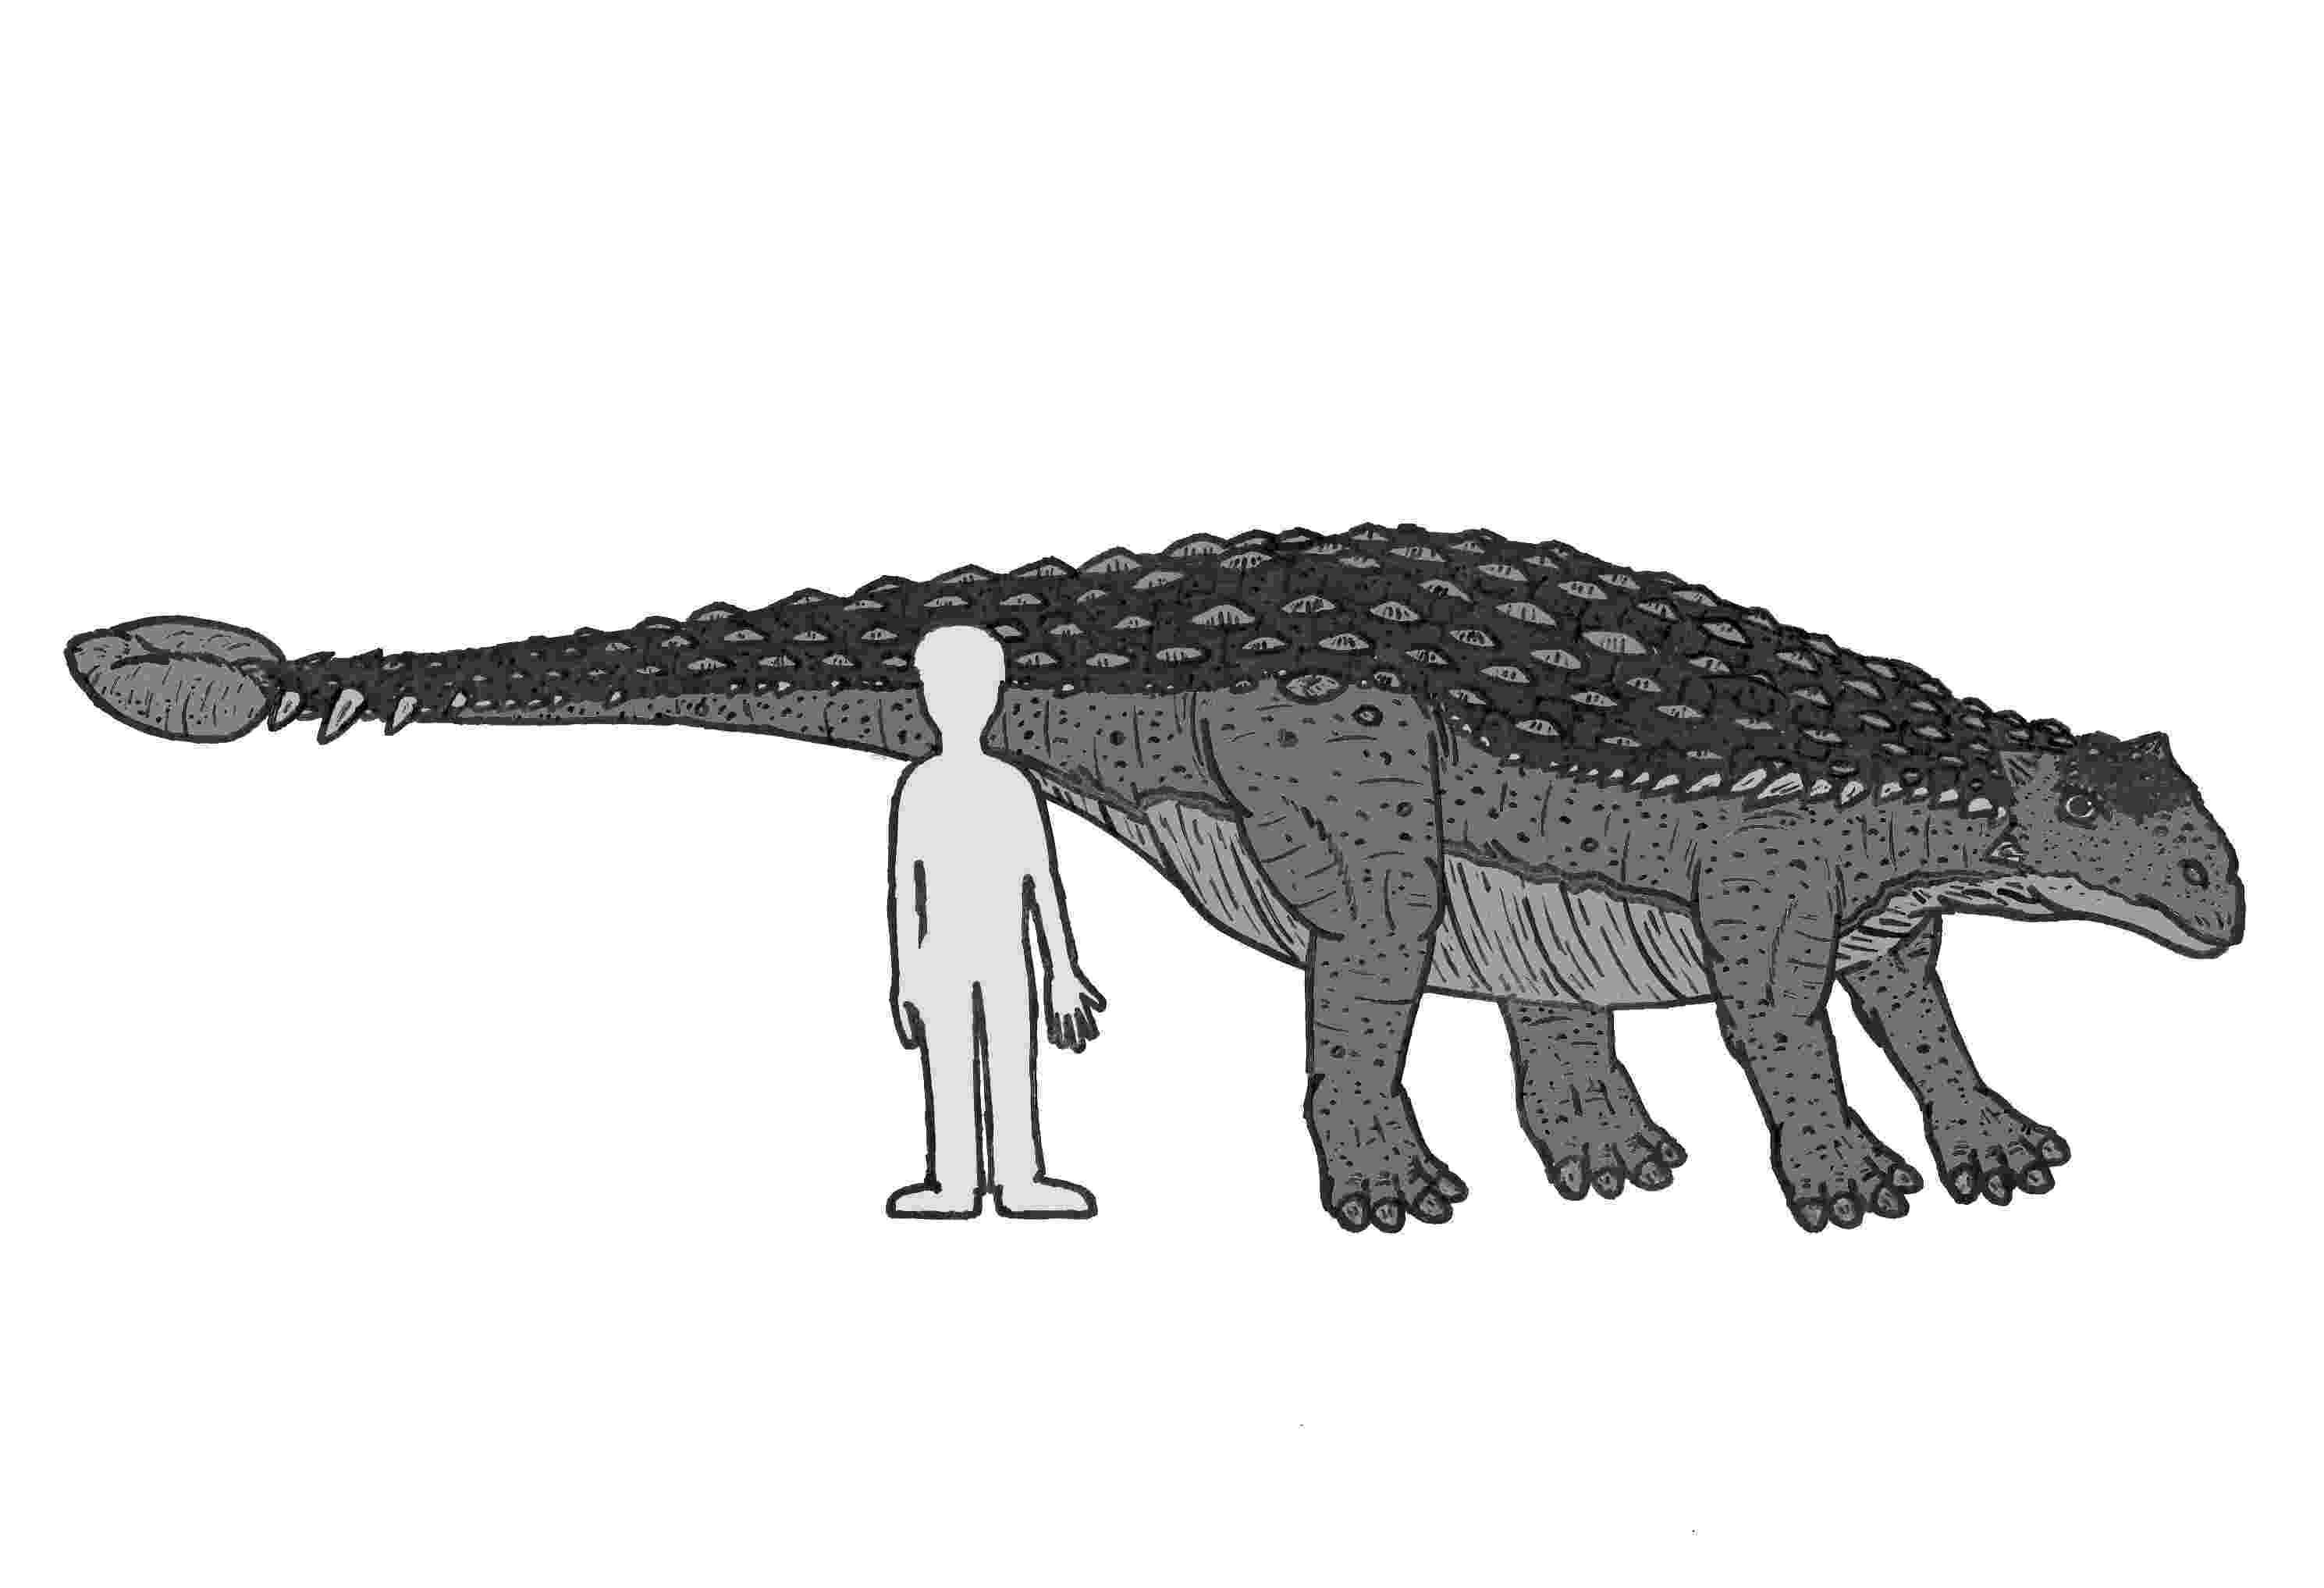 ankylosaurus 10 facts about ankylosaurus mental floss ankylosaurus